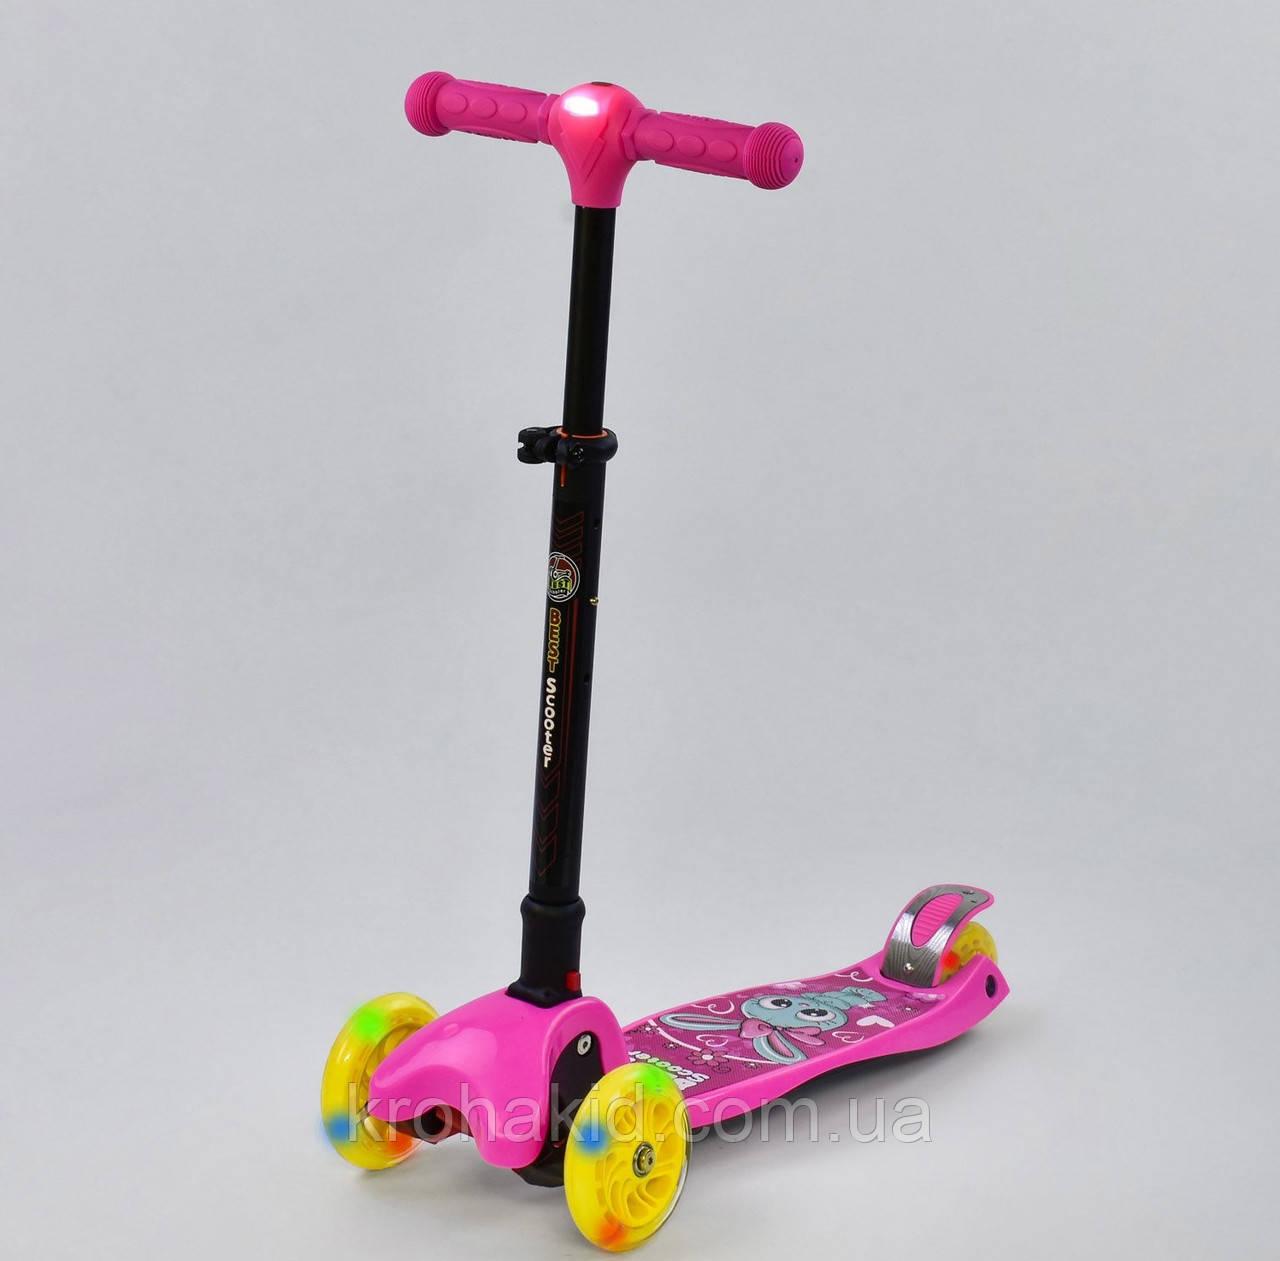 Самокат С 41200 Best Scooter СКЛАДНОЙ С ФАРОЙ, 4 колеса PU со светом, d=12 см